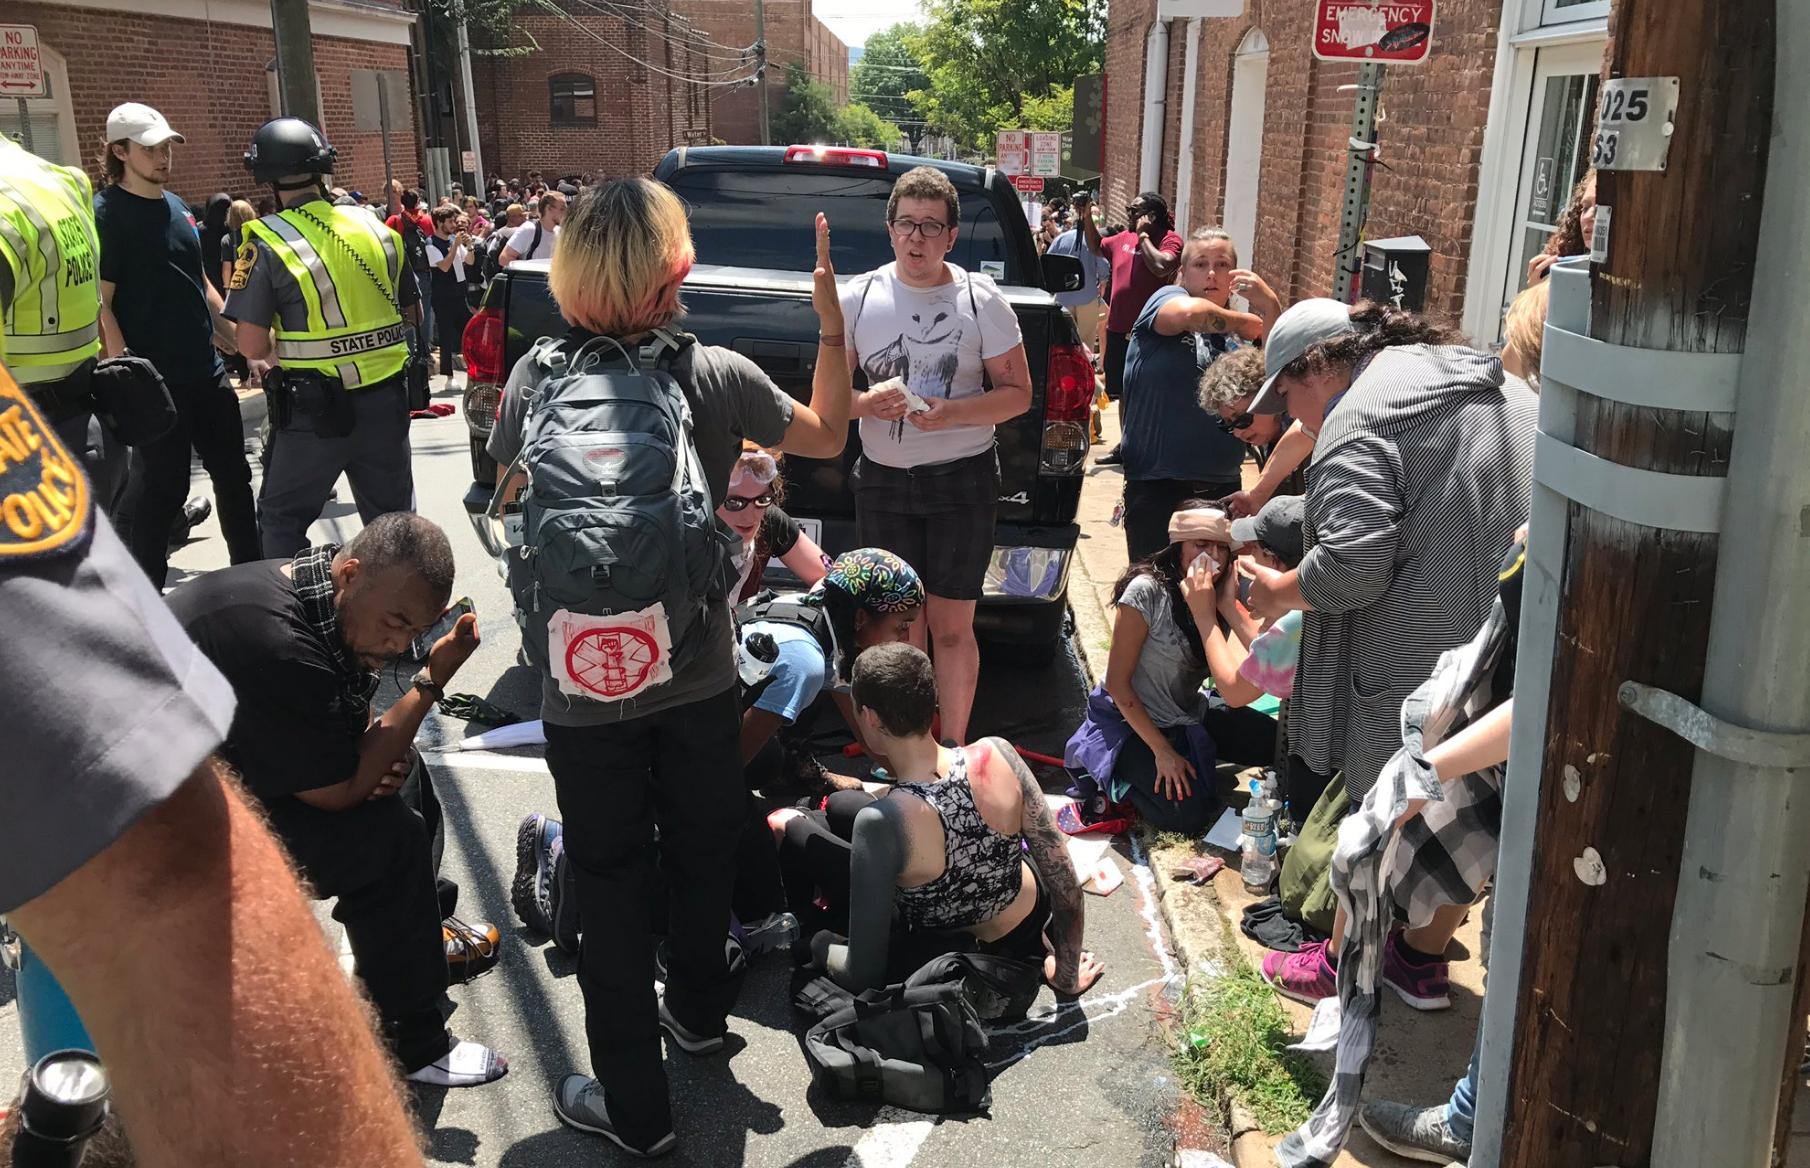 ULTIMA HORA| Atropello masivo en Virginia de un vehículo contra unos manifestantes